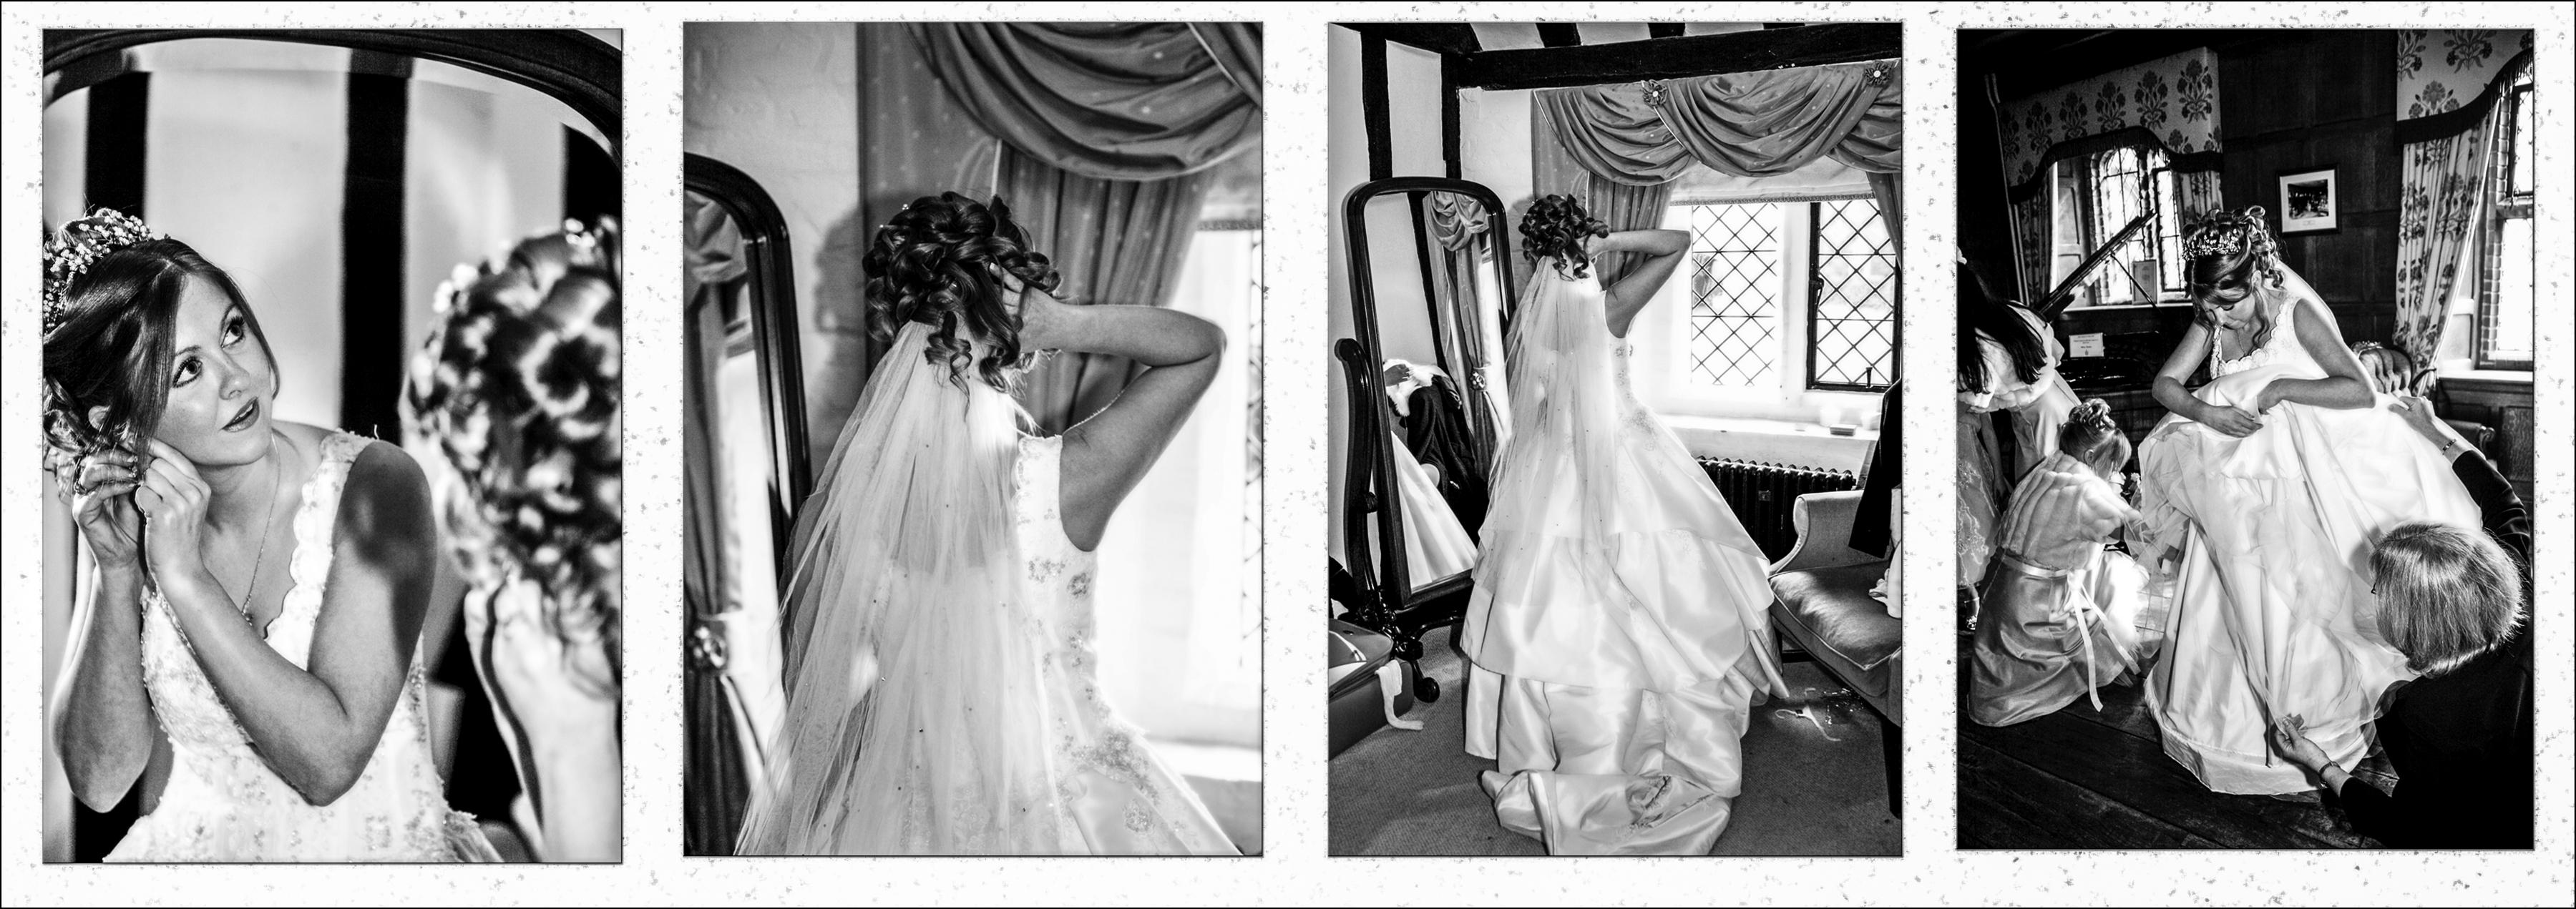 getting_ready_bride2-1